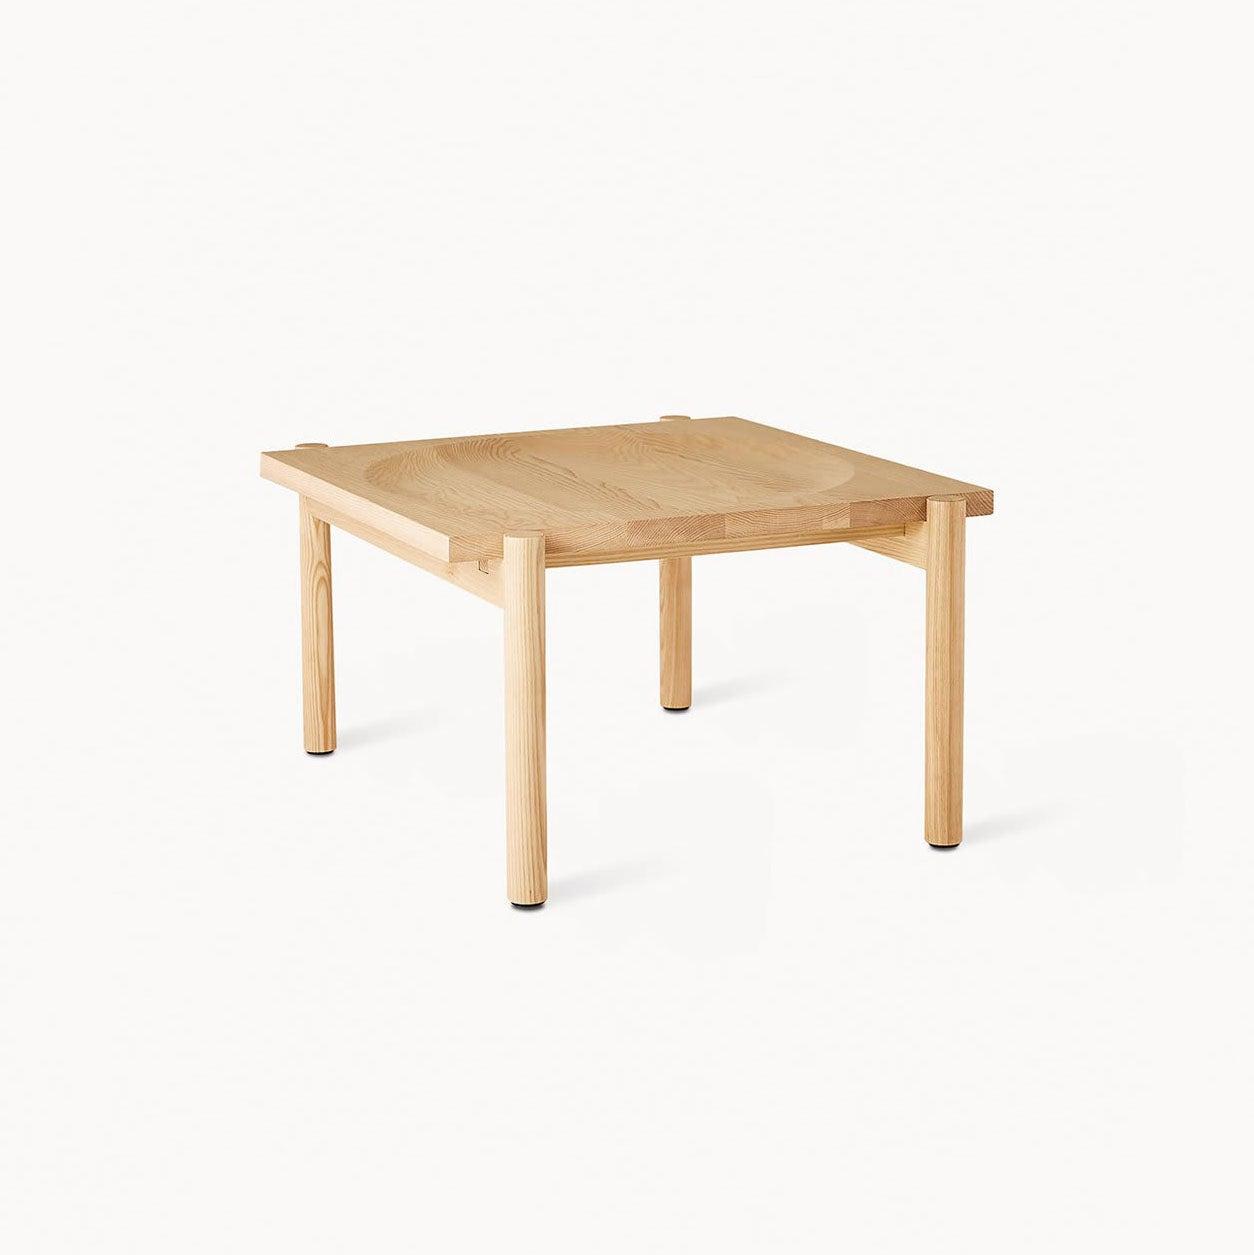 caldera-coffee-table-natural-angle-pdp_1400x (1)